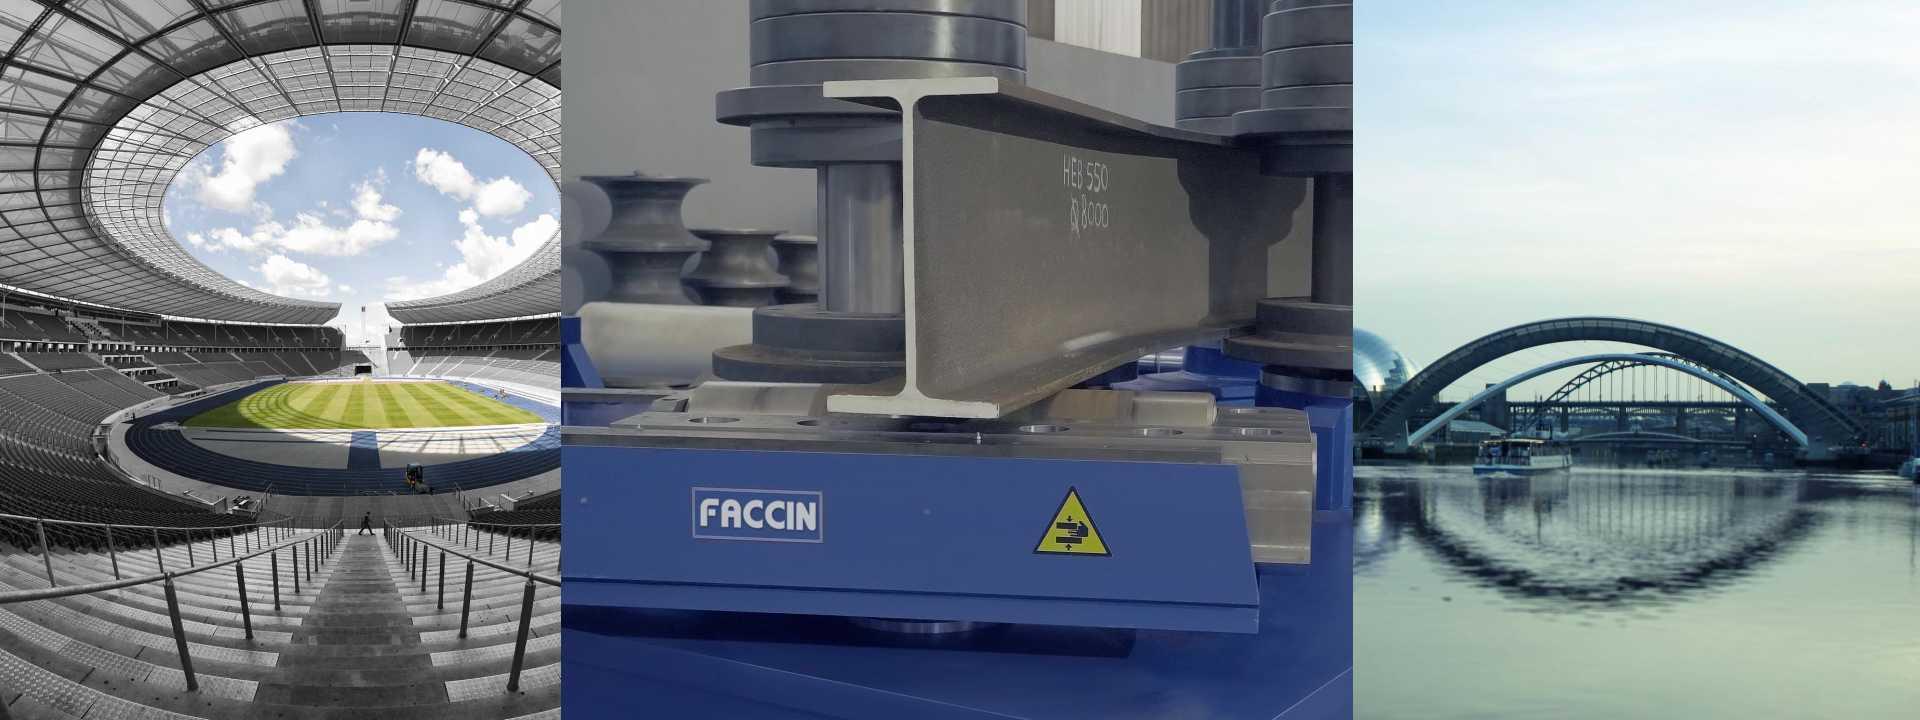 curvadoras de perfiles Faccin